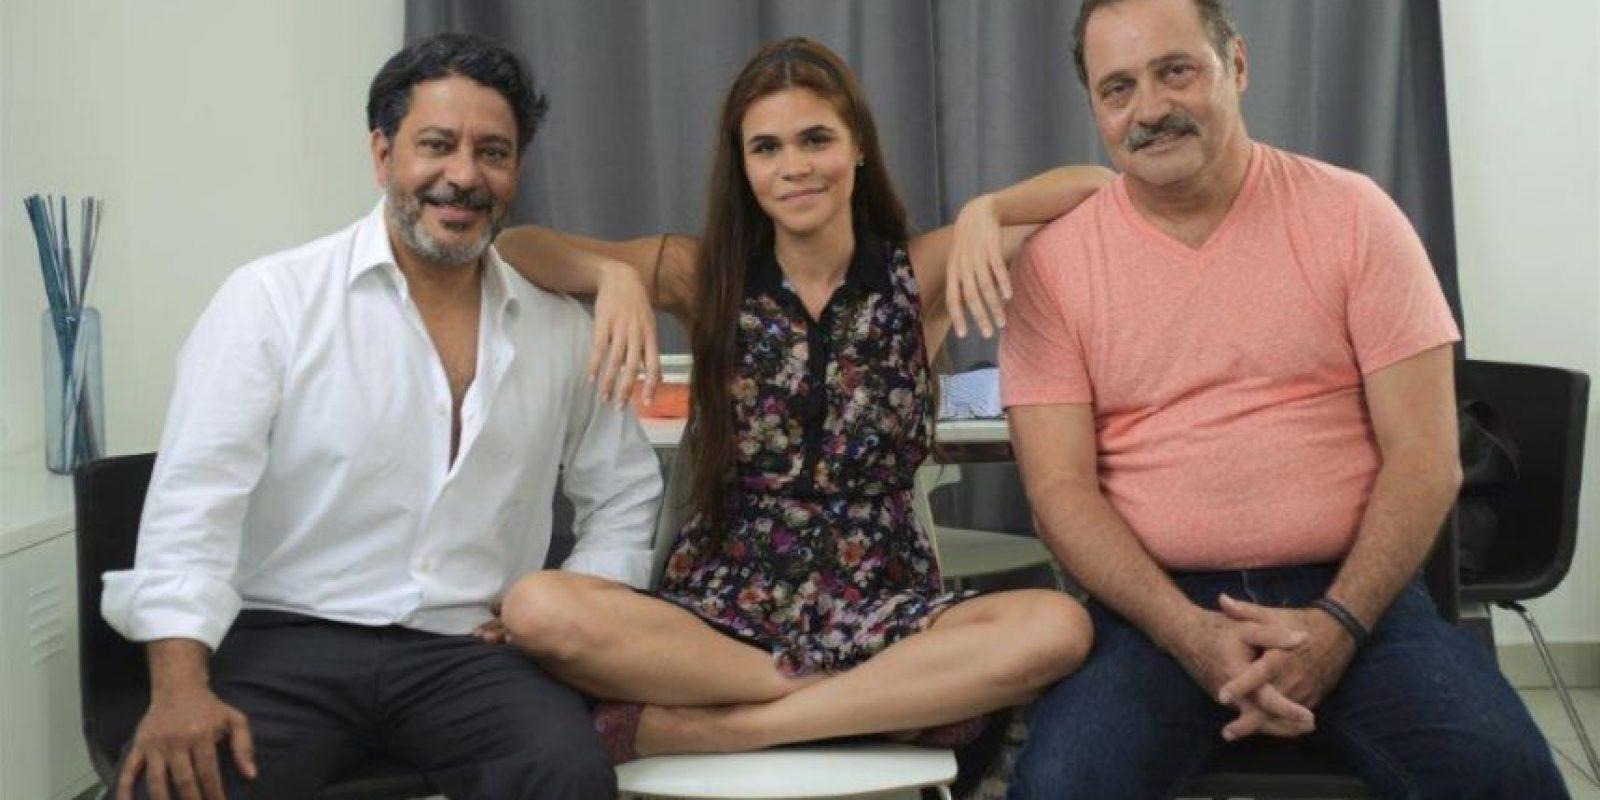 Los actores junto al director Mario Lebrón. Foto:Fuente externa